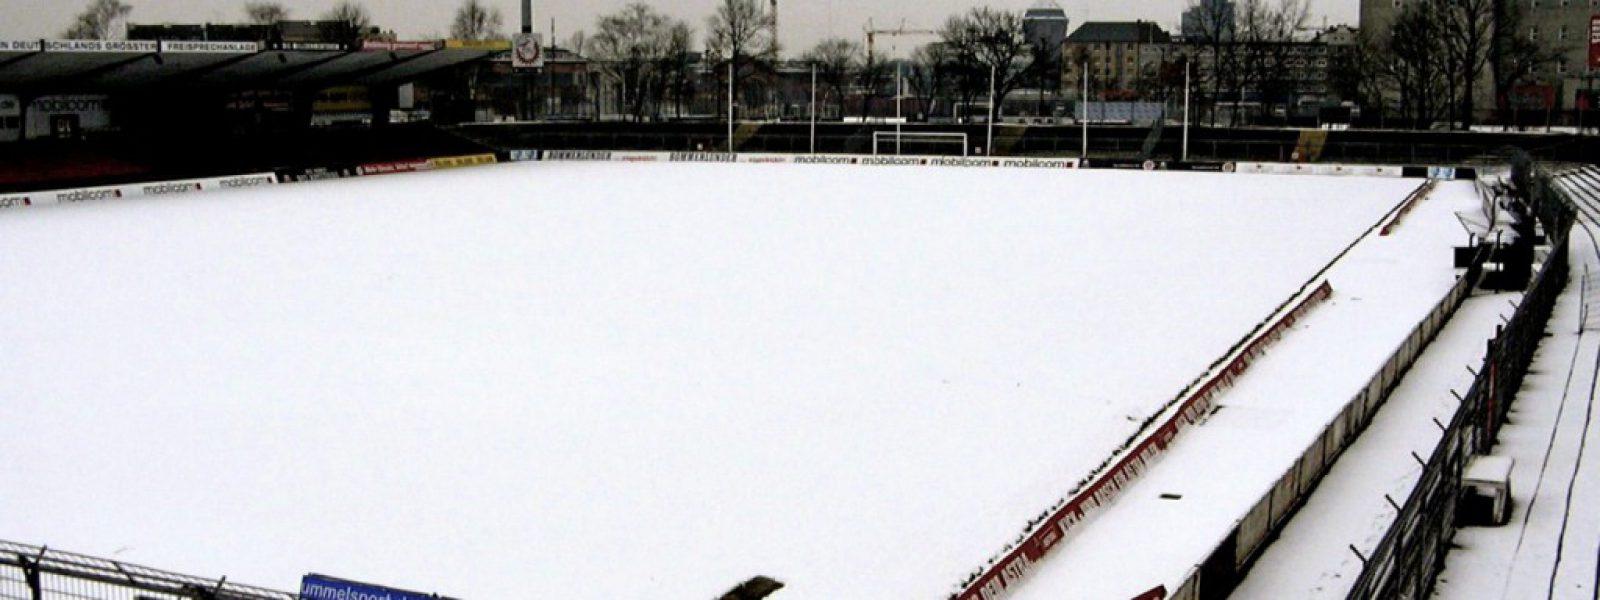 Februar 2005: Das Millerntor im Schnee. Foto: Christoph Nagel